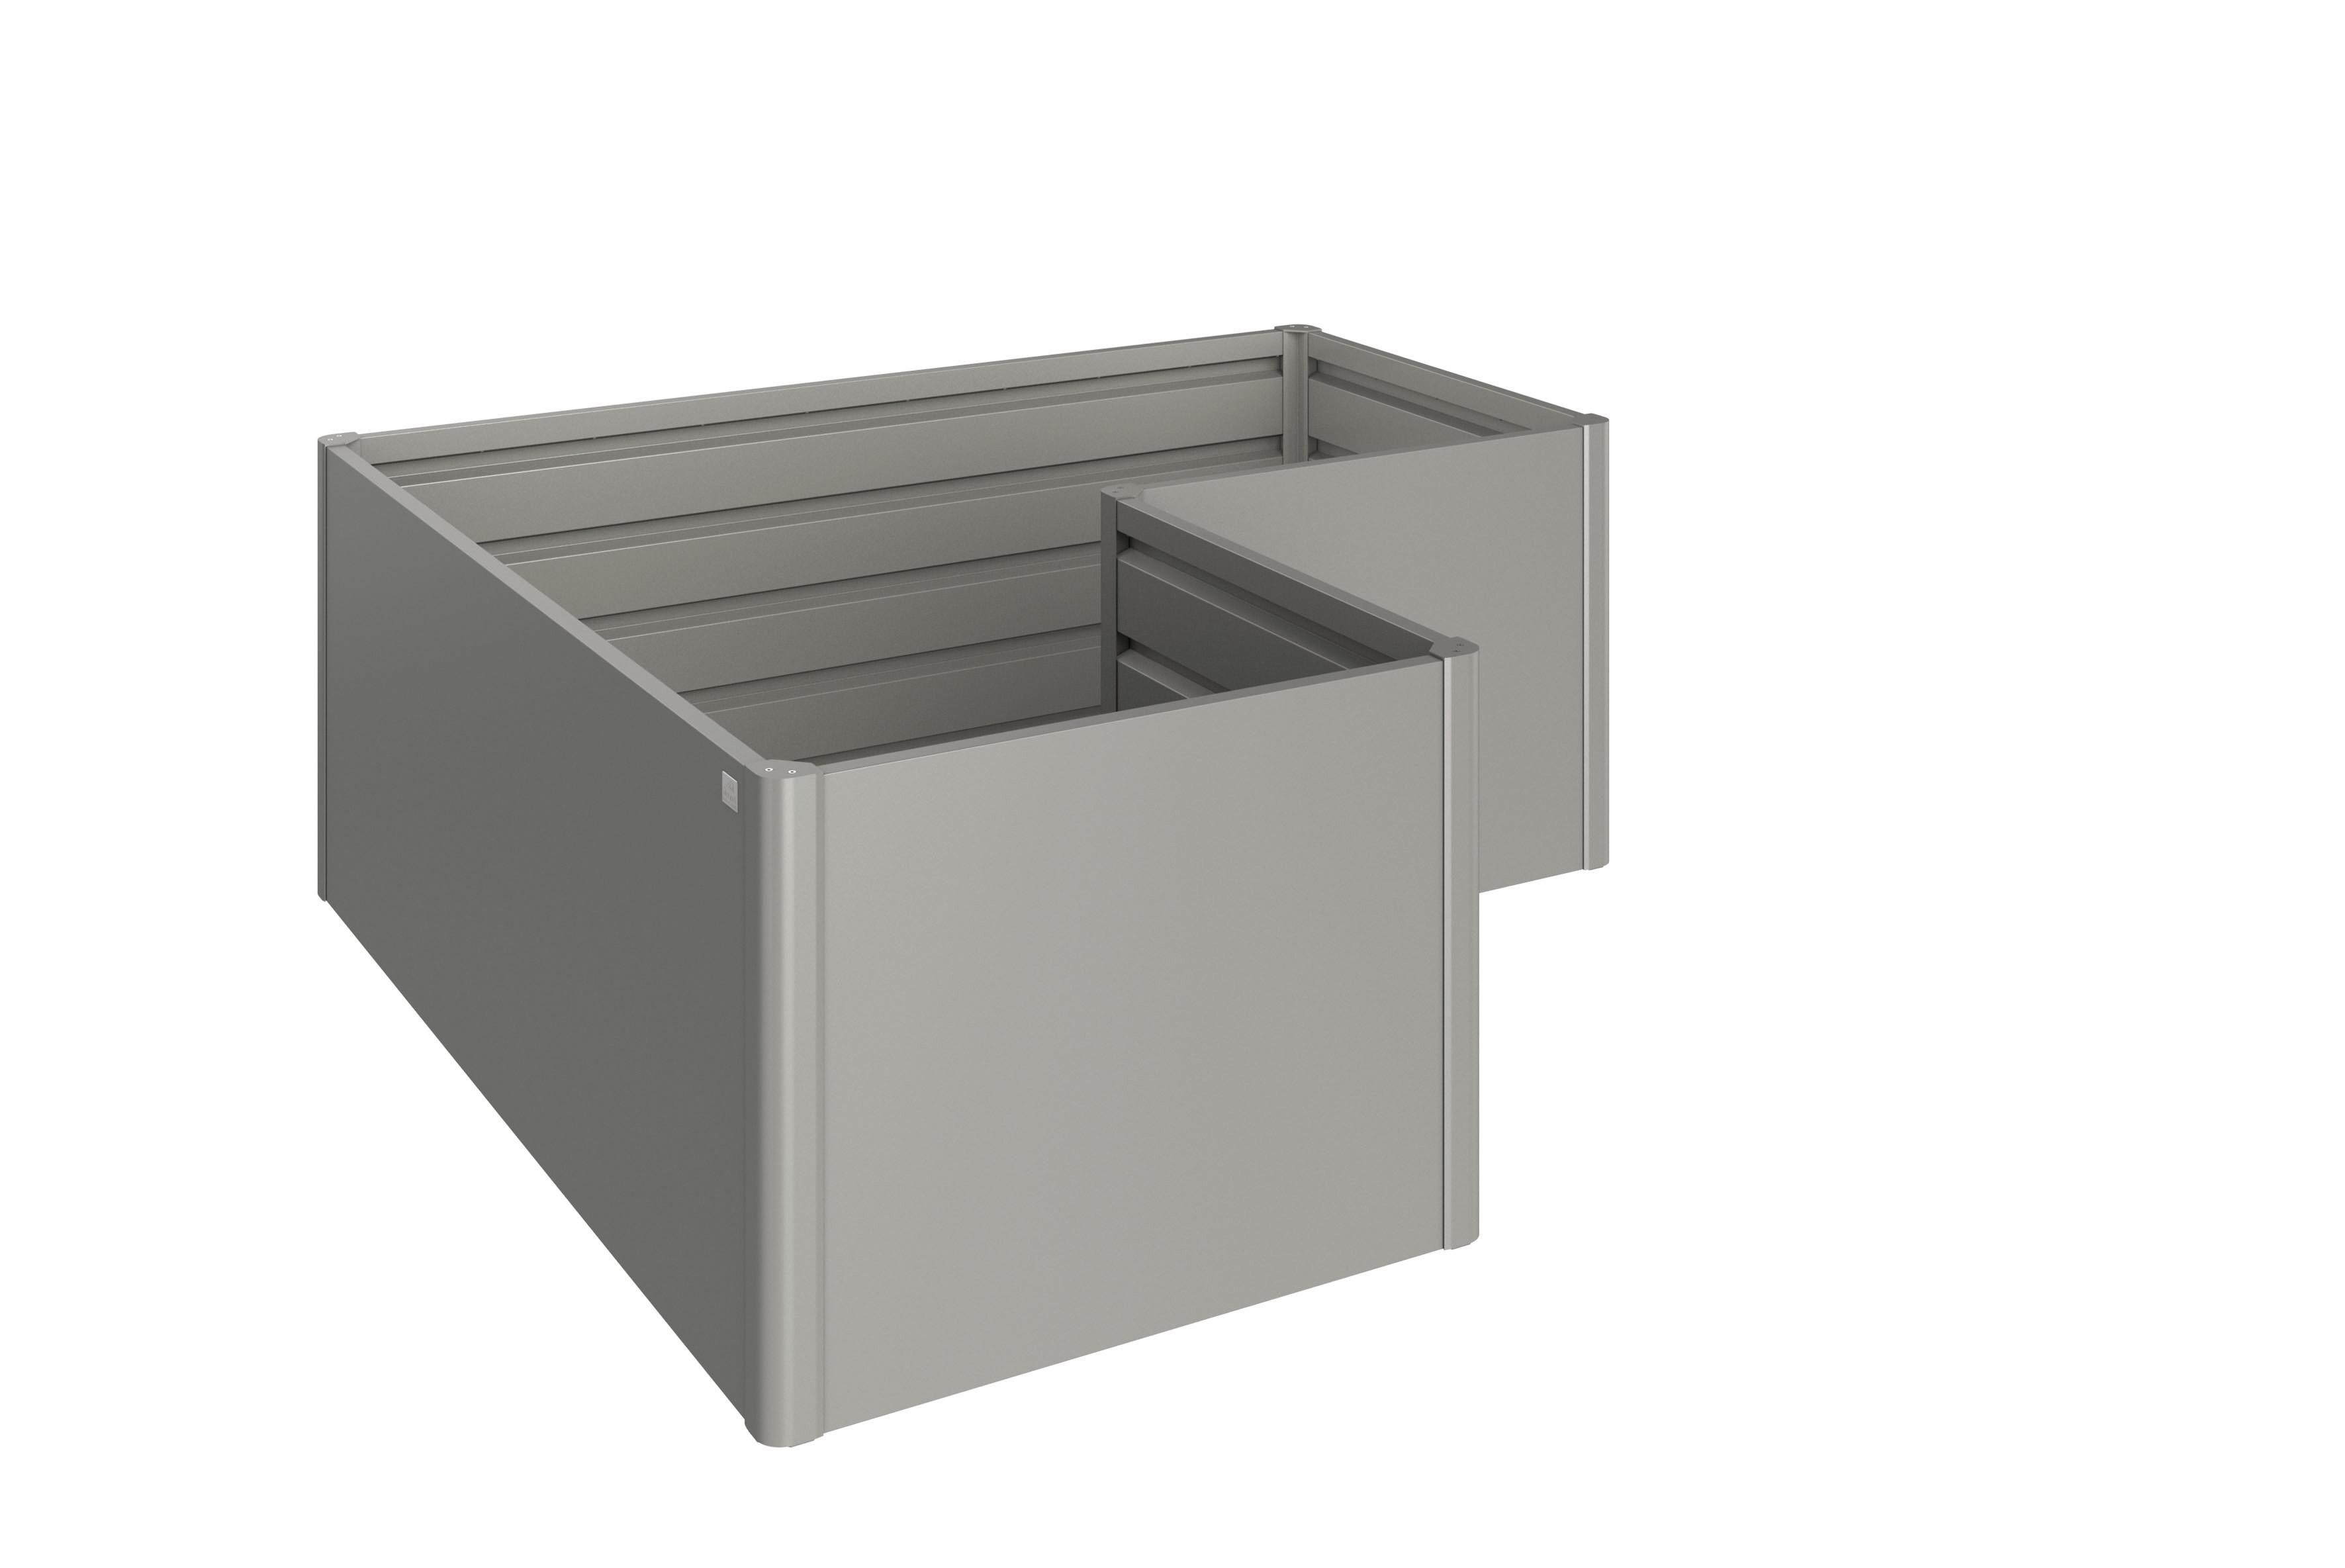 Hochbeet Quarzgrau Metallic L 68025